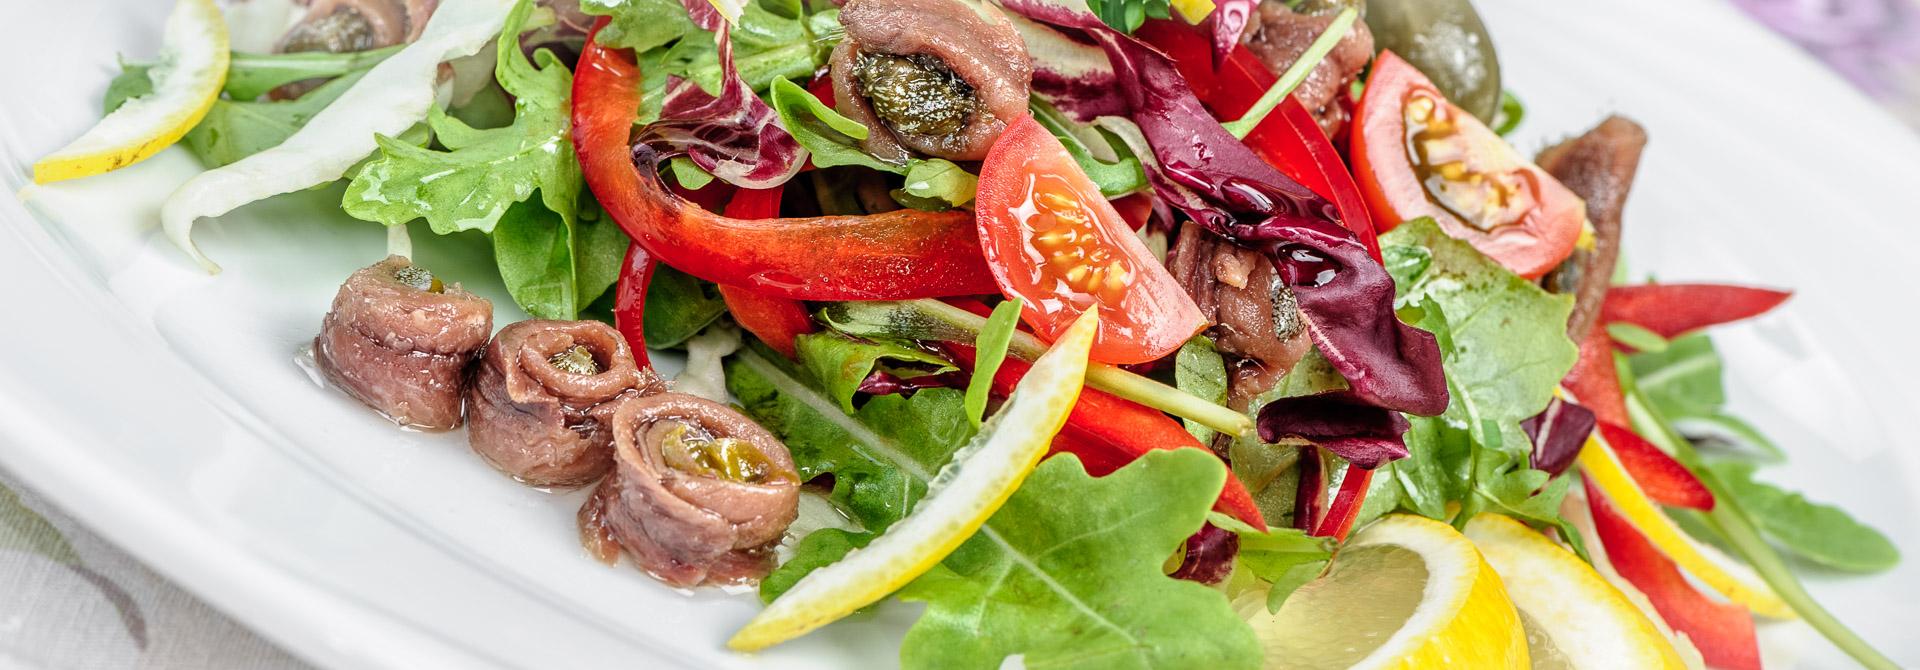 Sałatka z anchois, kaparami, pomidorkami koktajlowymi i mixem sałat